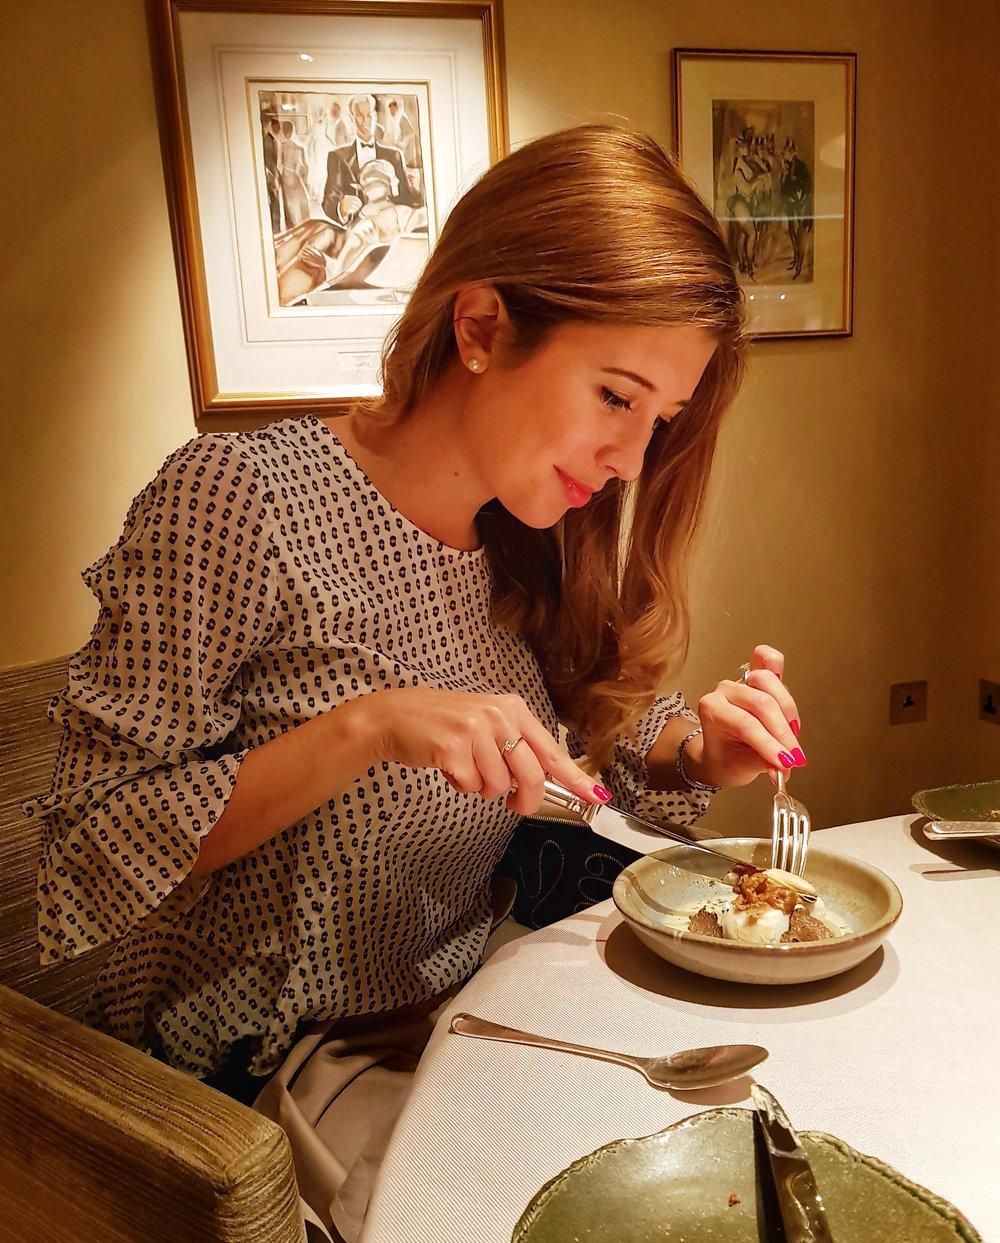 EATING COD.jpg